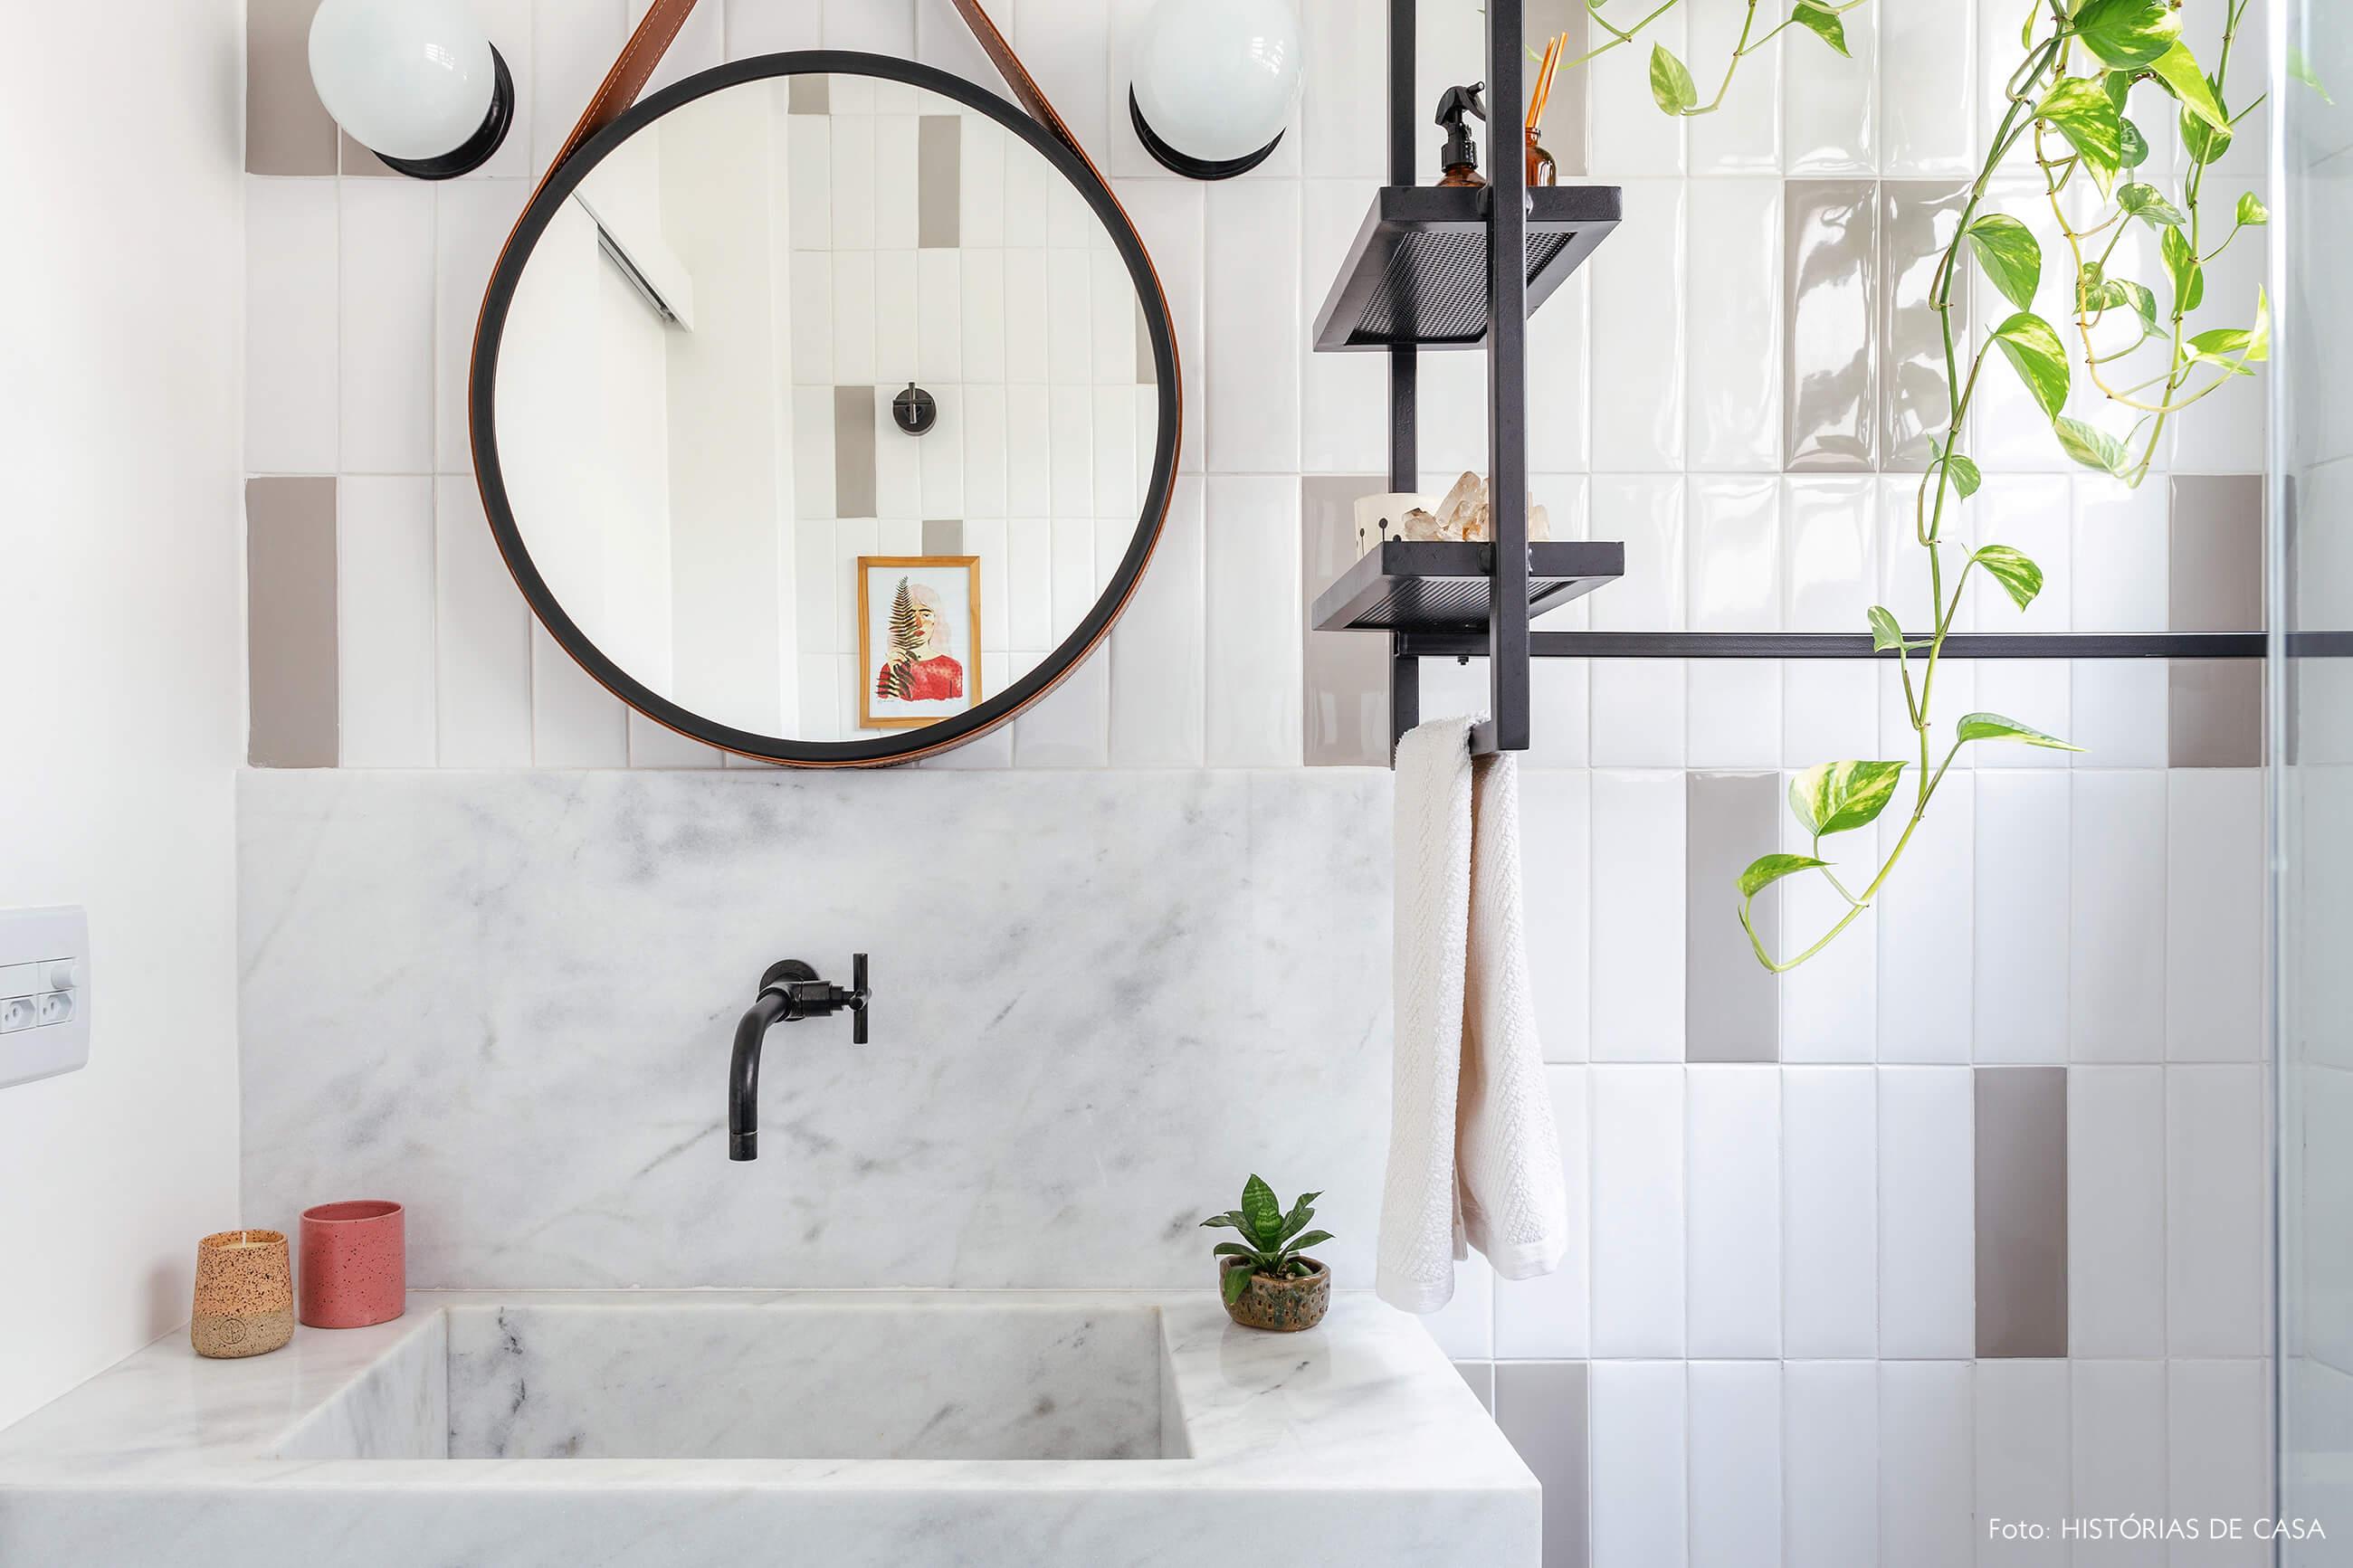 Antes e depois reforma de banheiro, novos revestimentos e espelho redondo